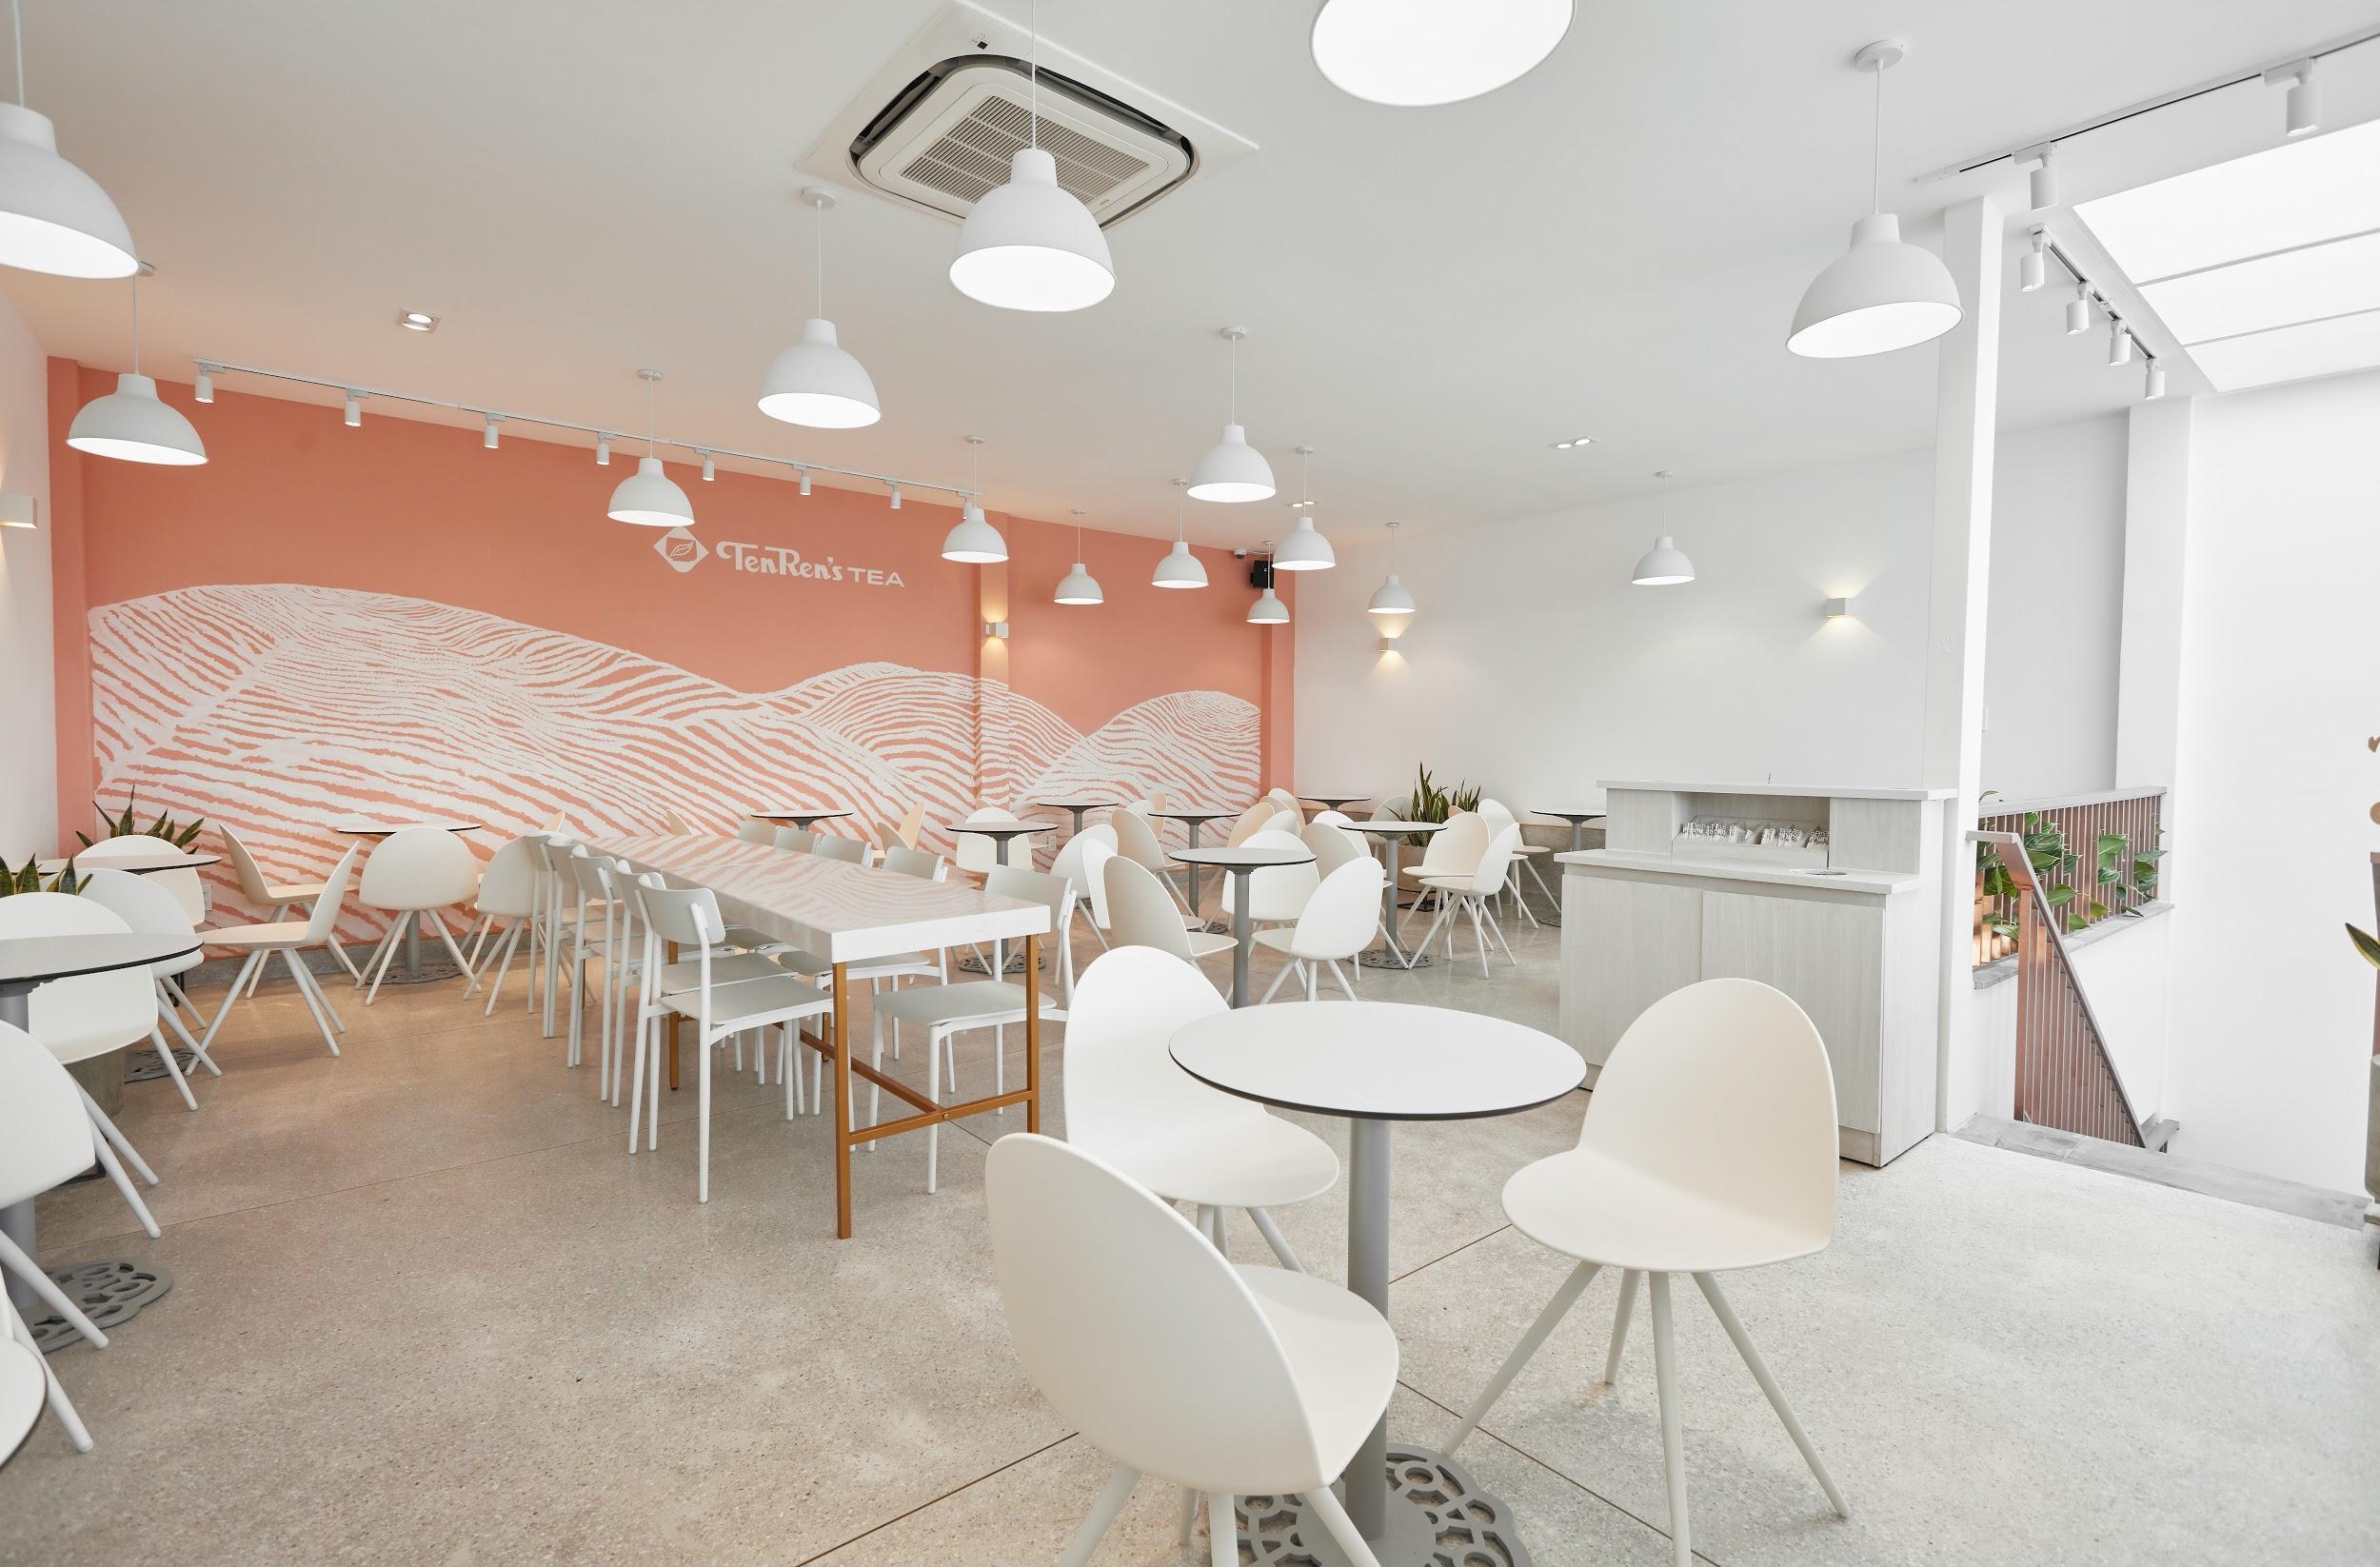 Sau gần 1 năm ra mắt, Ten Ren chính thức cán mốc 20 cửa hàng tại Việt Nam - Ảnh 4.